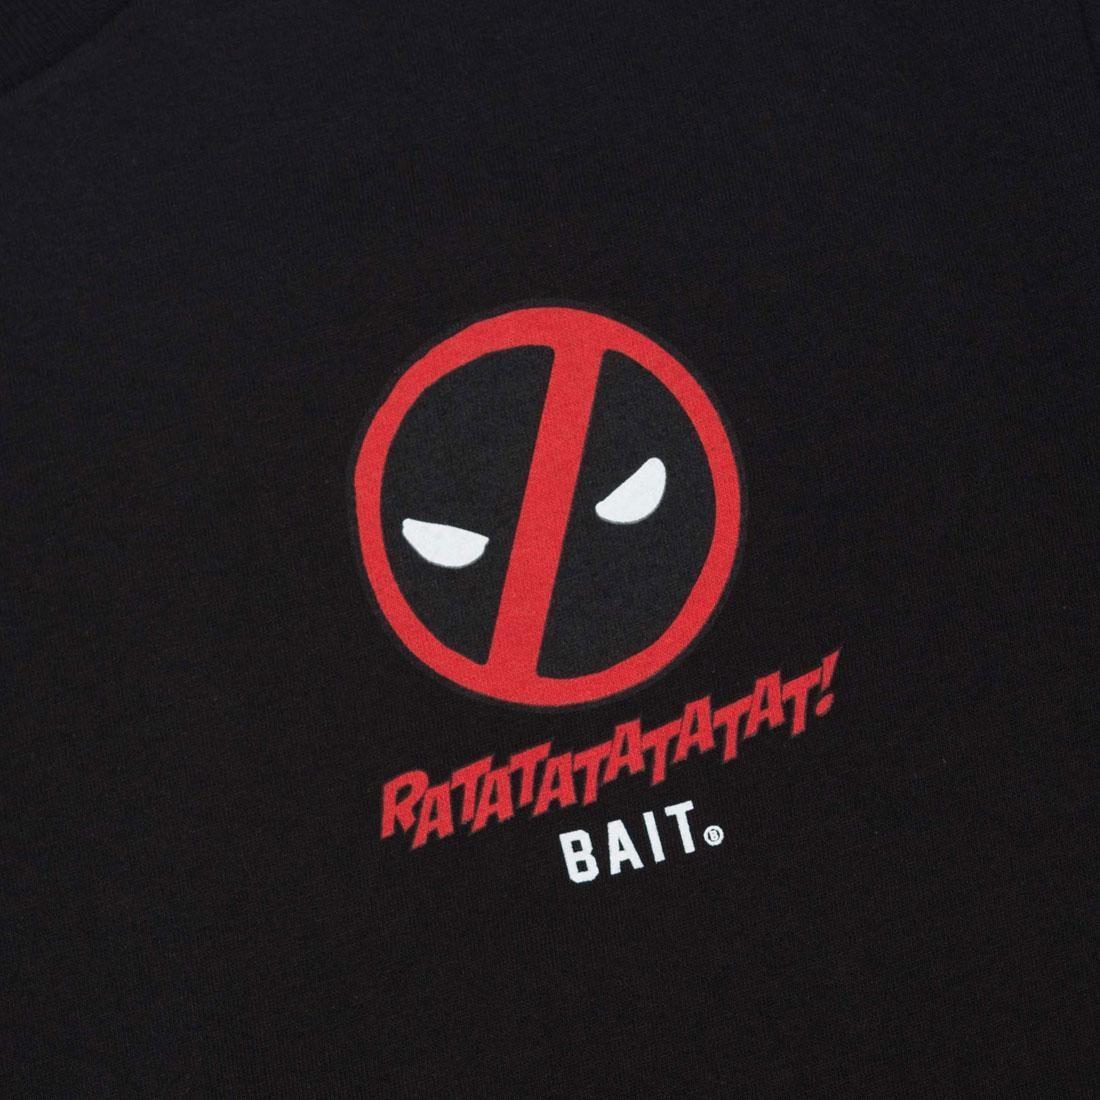 【予約販売】BAIT DEADPOOL RATATAT TEE - 214-DDP-TEE-003